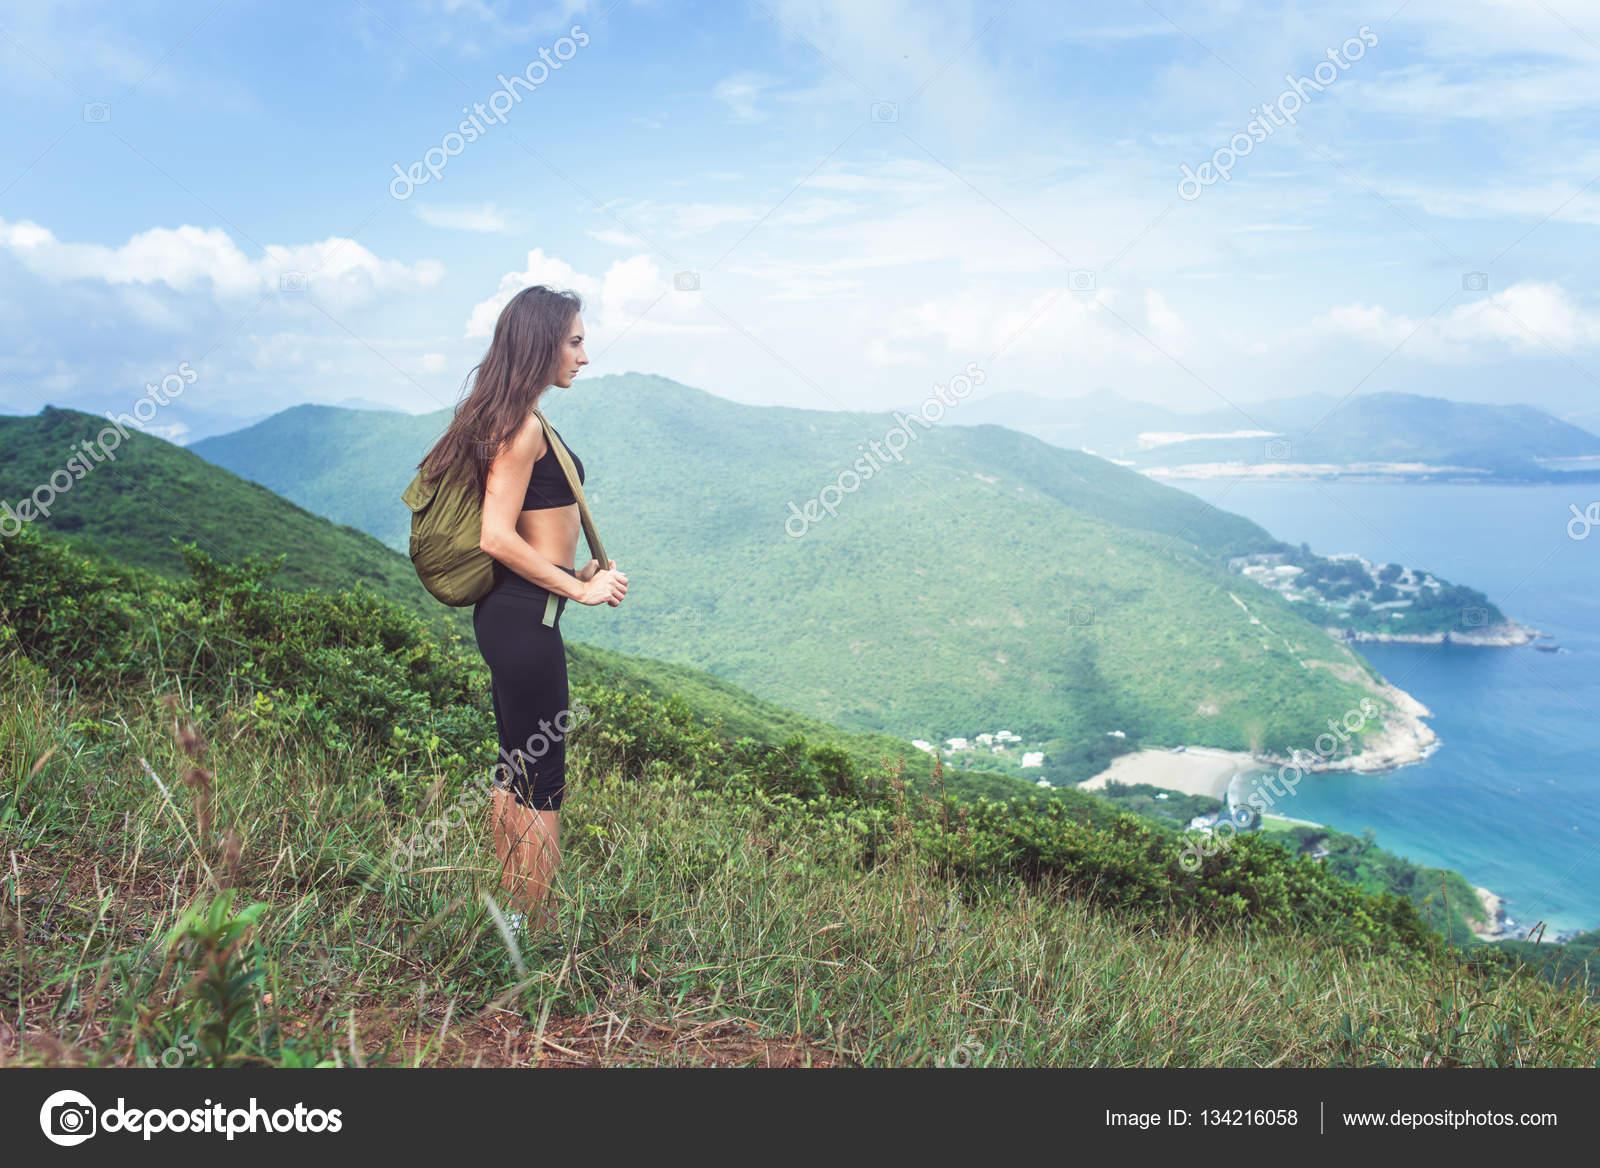 fa2184551961 Фоторюкзак: женский. Рюкзак женский путешественник, стоя на холме ...